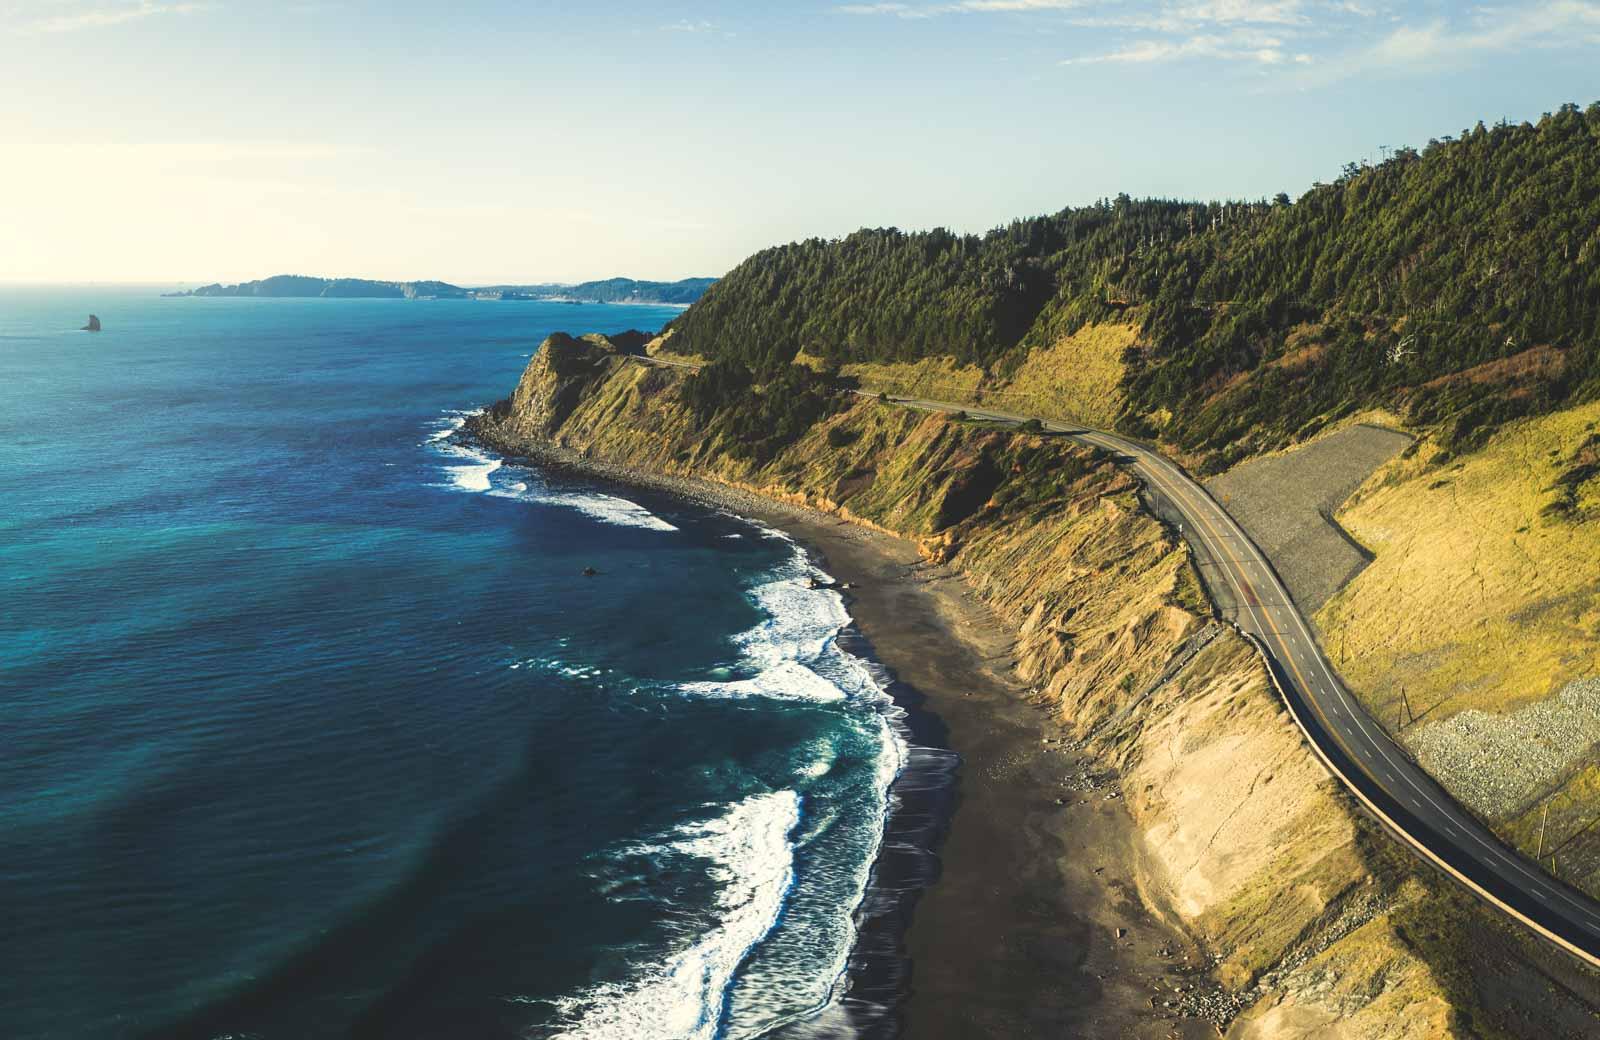 A Legendary Oregon Coast Road Trip—35 Stops & 3 Itineraries